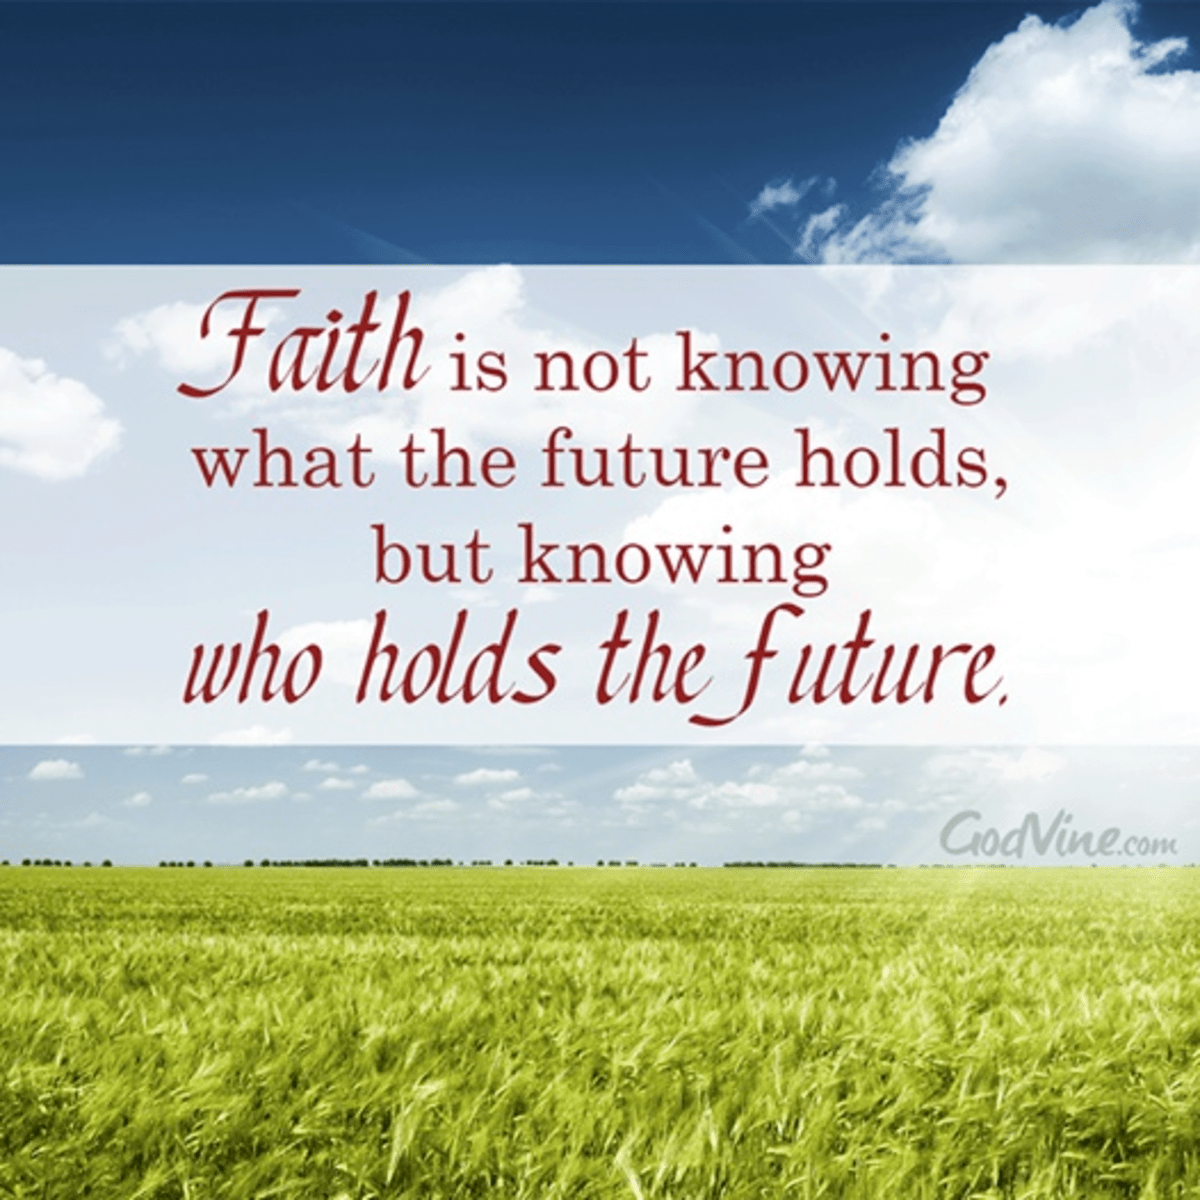 Faith vs. the Future